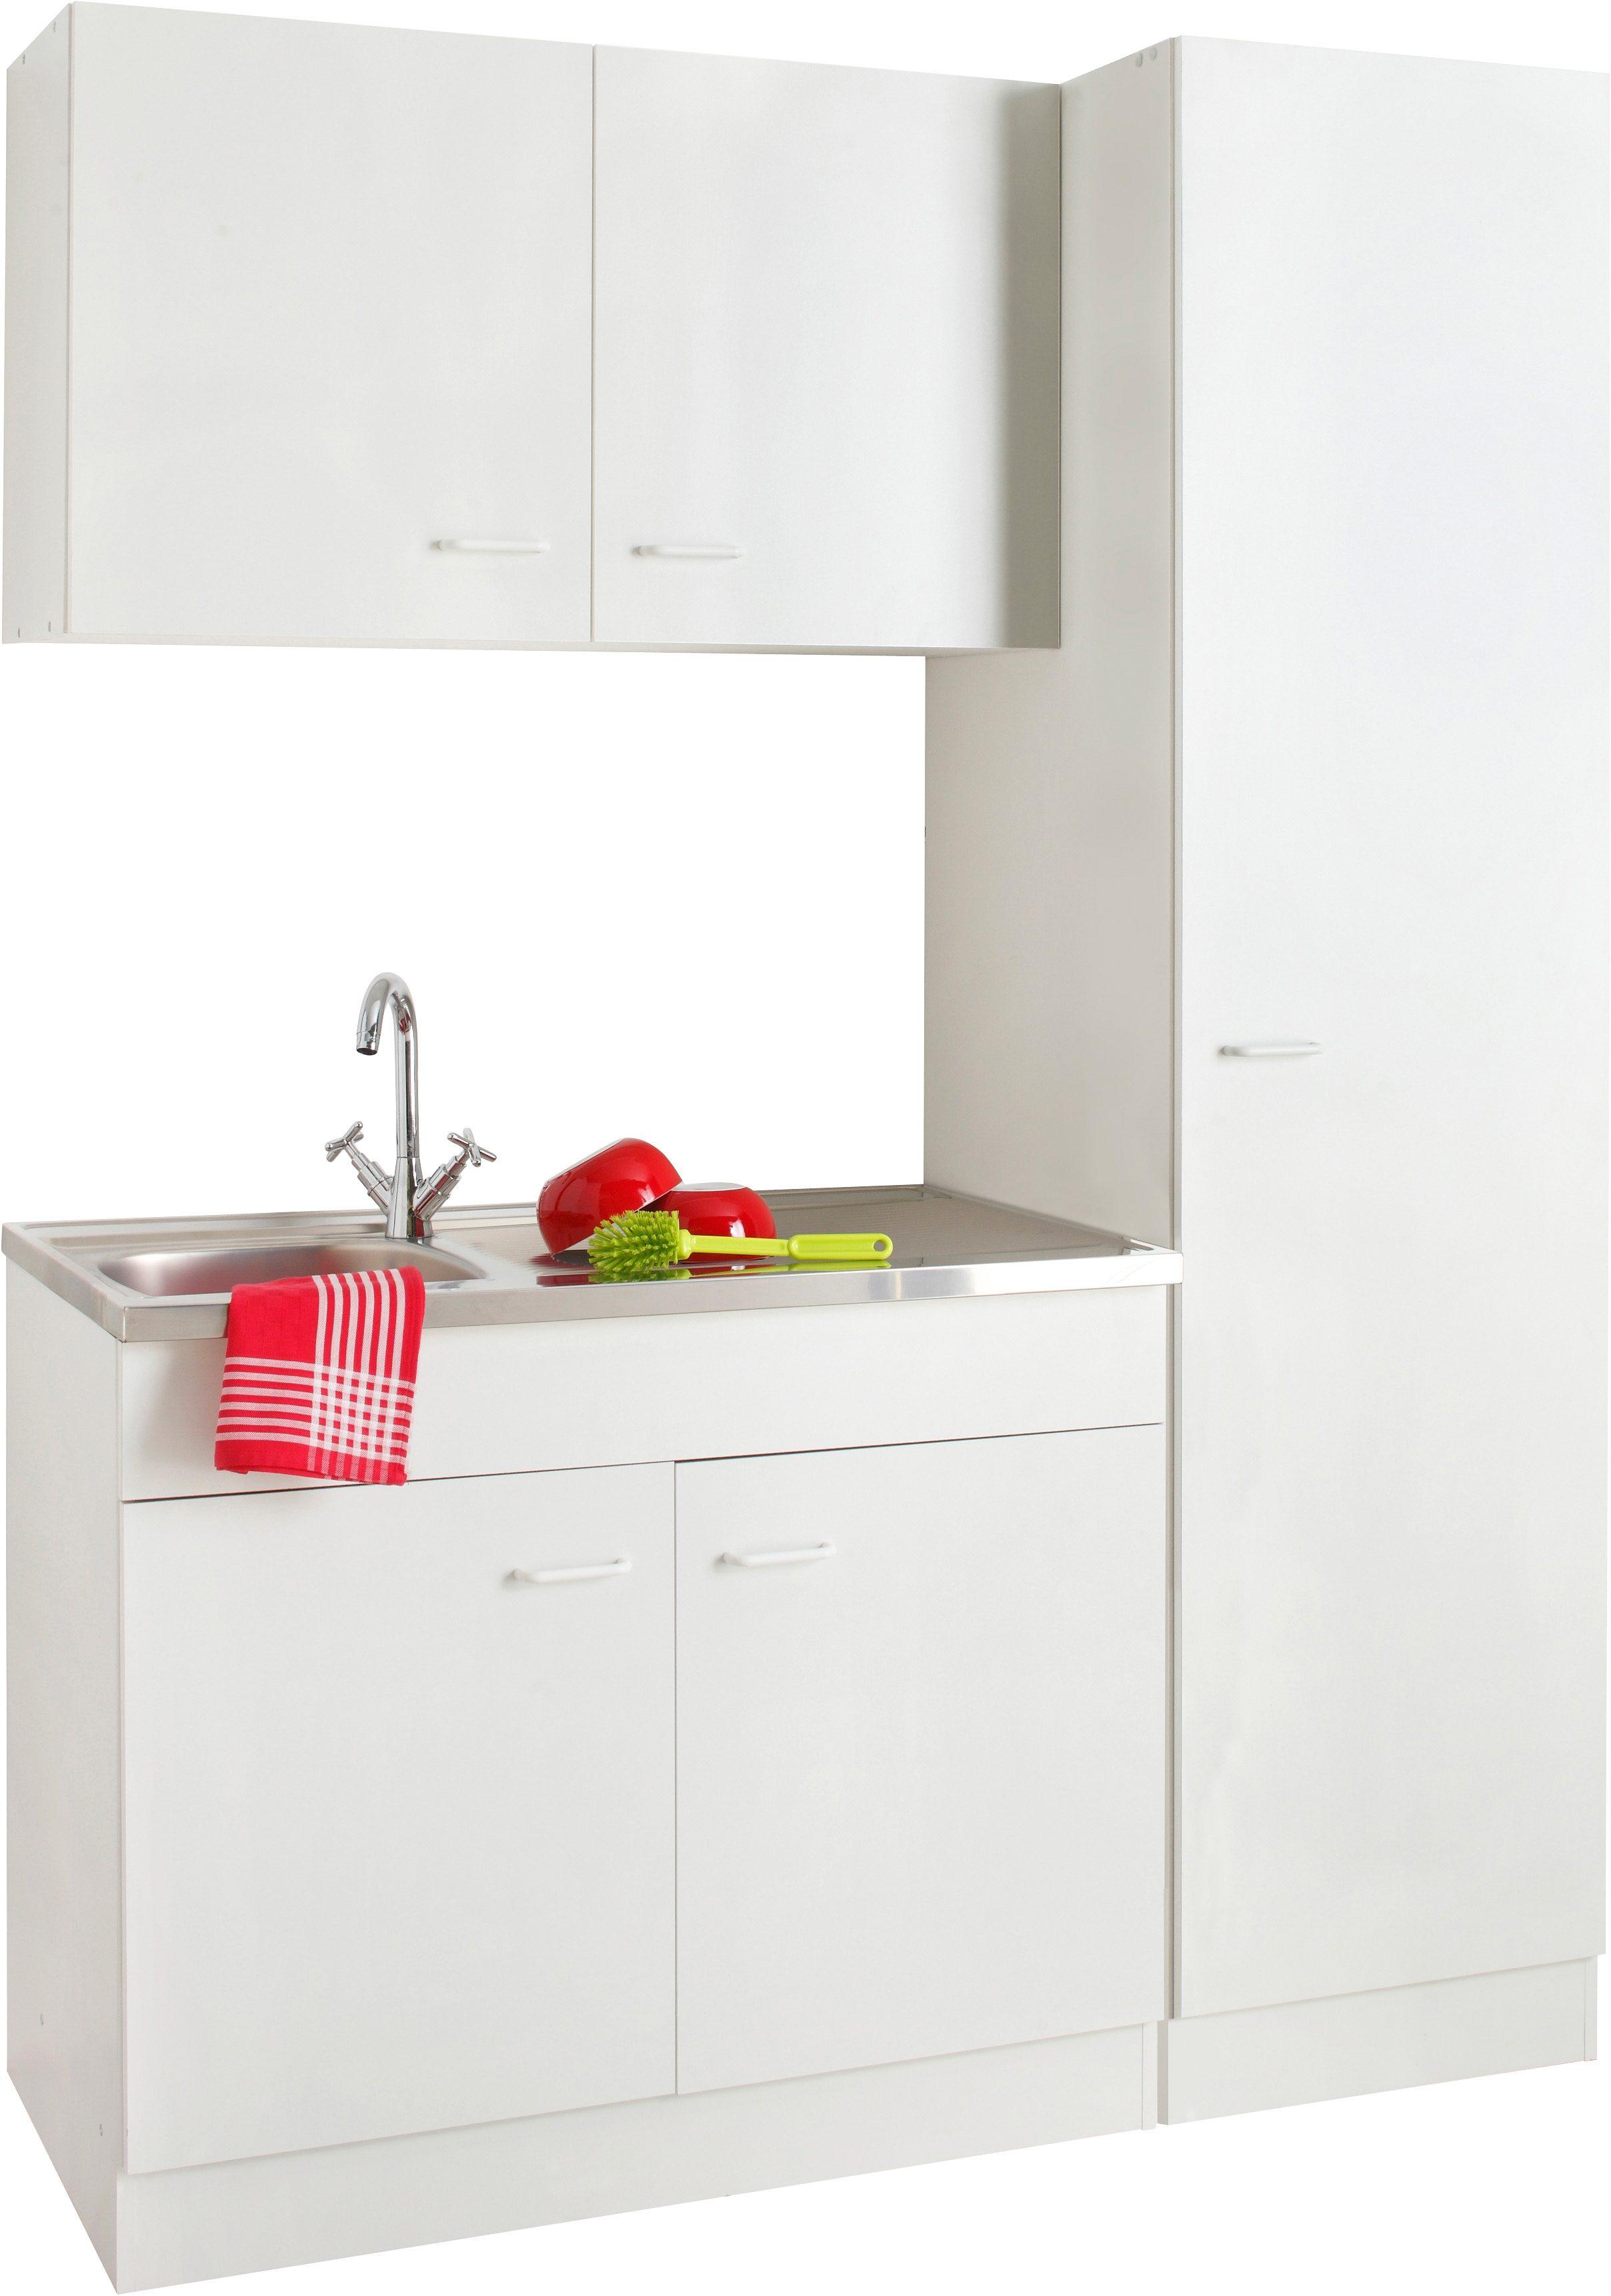 HELD MÖBEL Küchenblock Elster